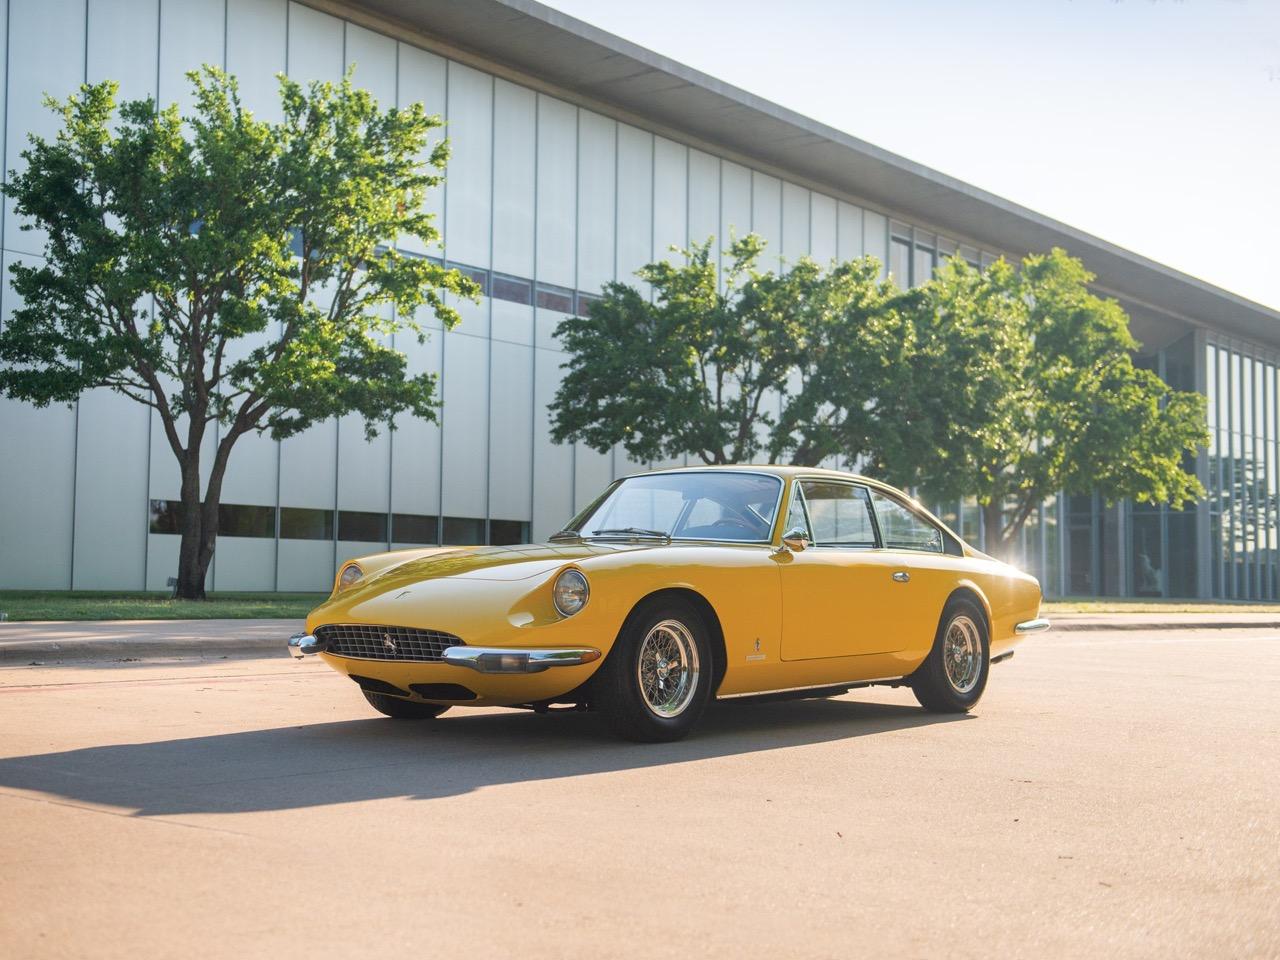 '68 Ferrari 365 GT 2+2 - Le charme des familiales ! 67